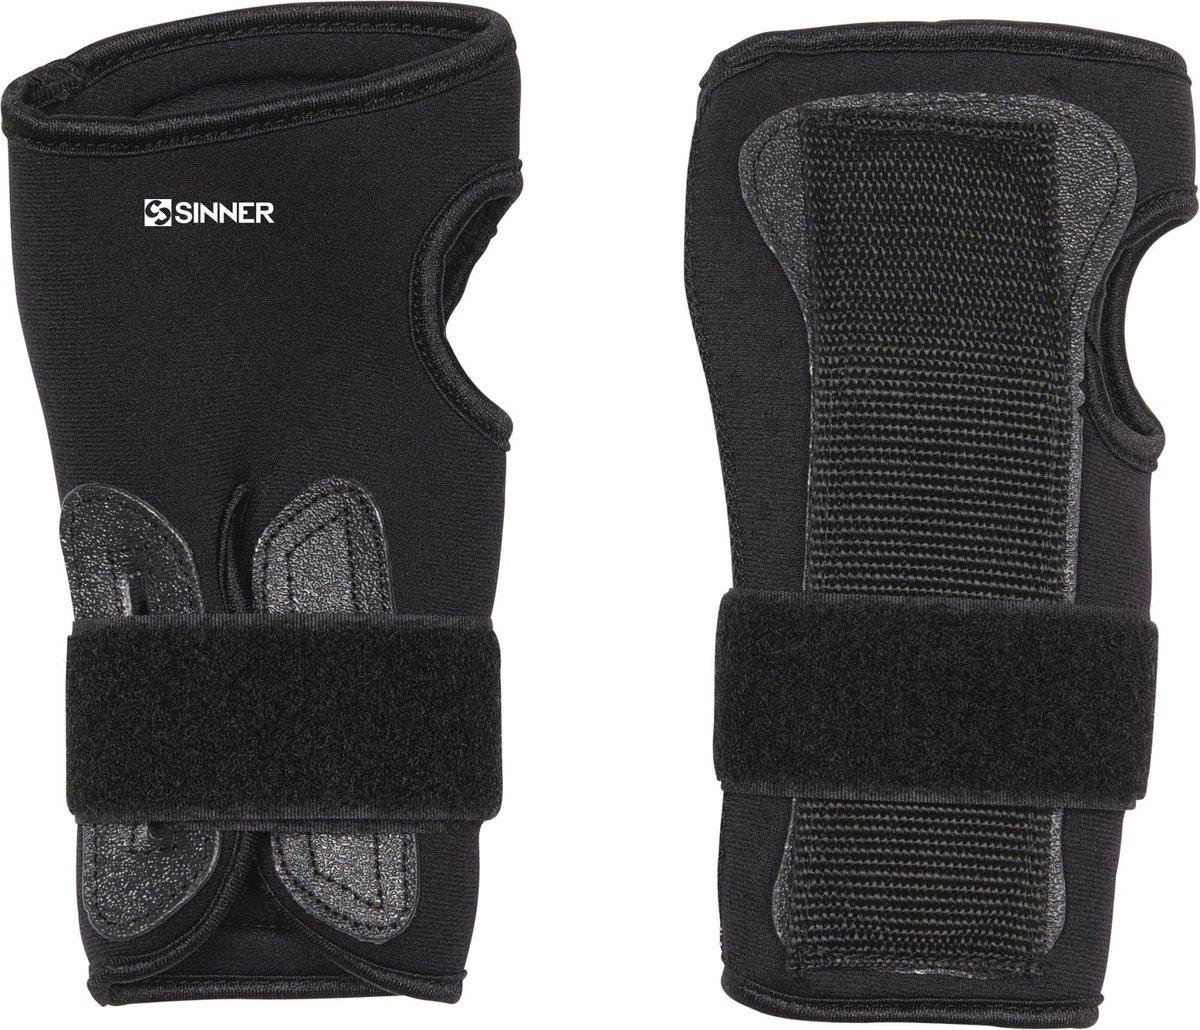 Sinner Wrist Guard (Pair) Unisex Polsbescherming - Zwart - S